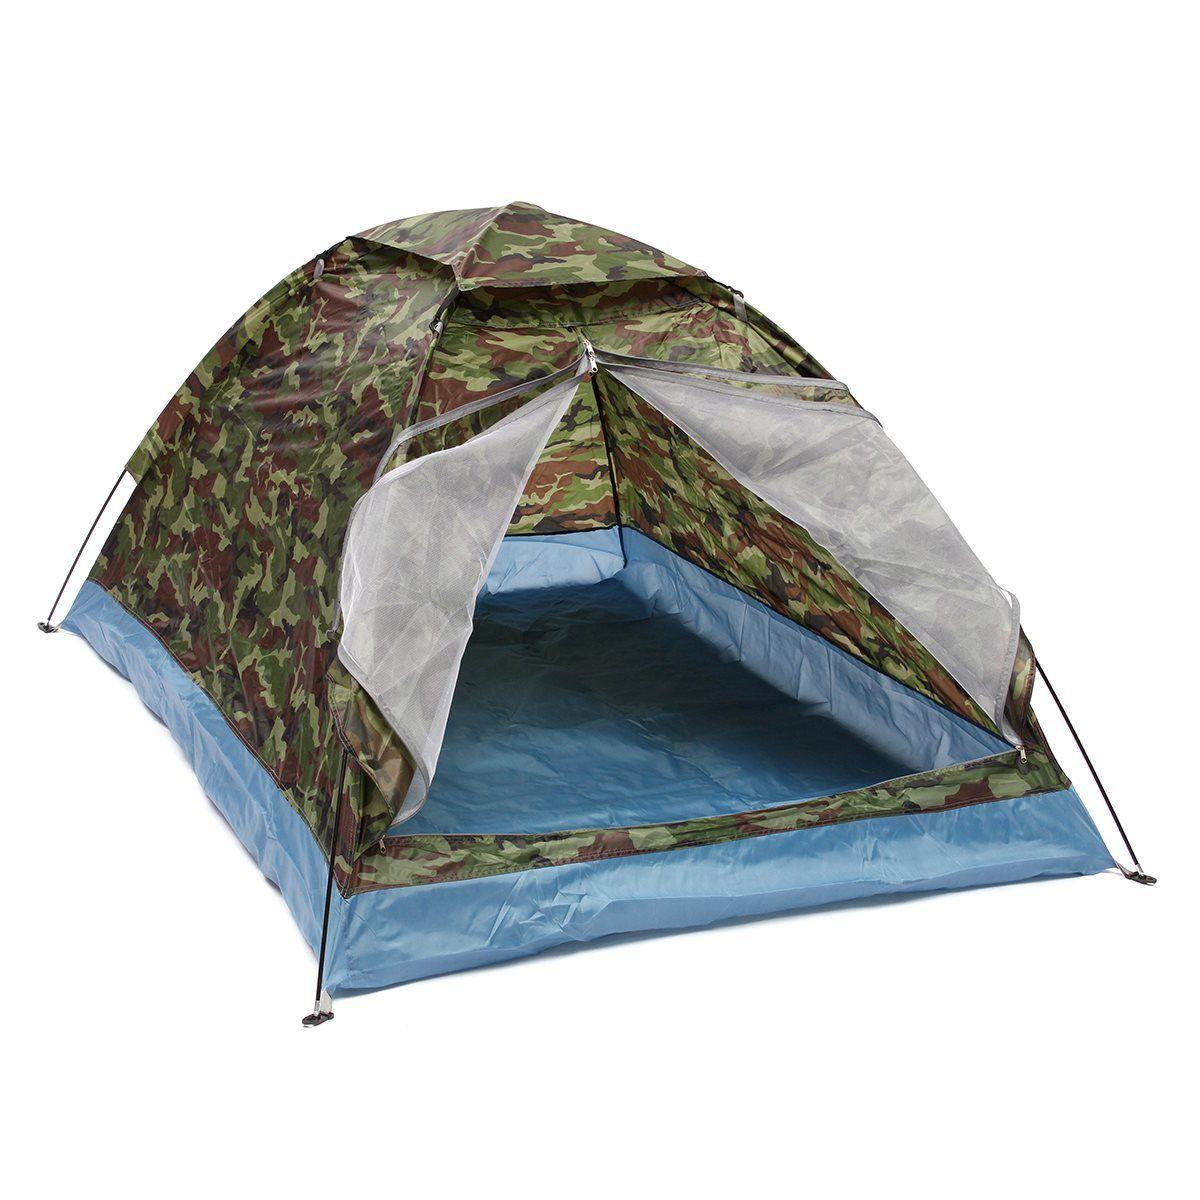 Открытый 200*140*110 см Ткань Оксфорд pu водонепроницаемое покрытие 4 сезона 2 людей один слой камуфляж туристический отдых палатка